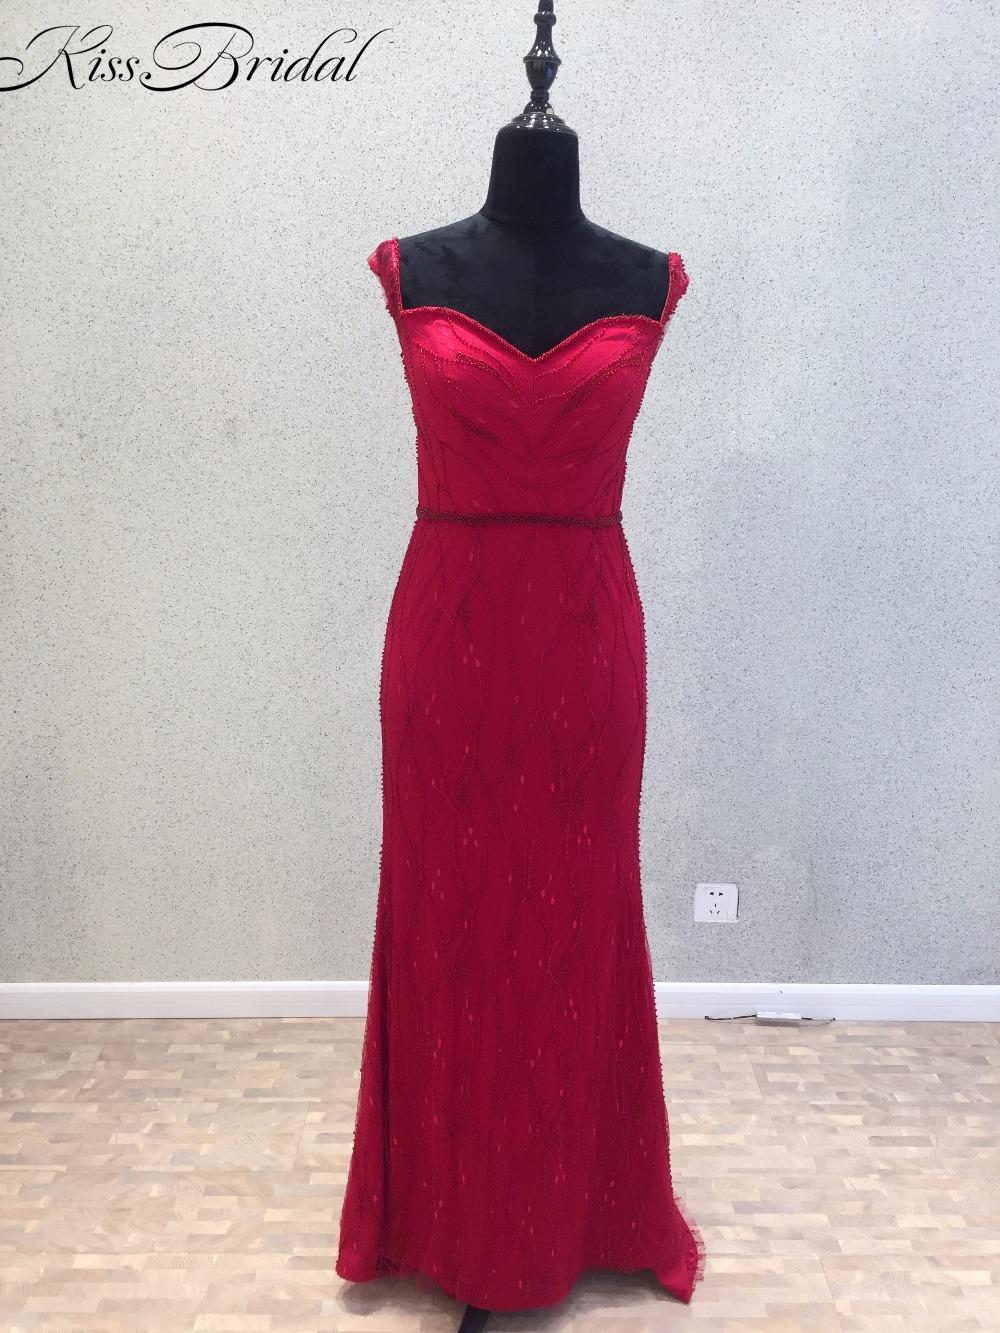 2018 atemberaubende schöne lange abendkleider für frauen herzförmiger  ausschnitt gerade rotes abschlussball-kleider party tragen